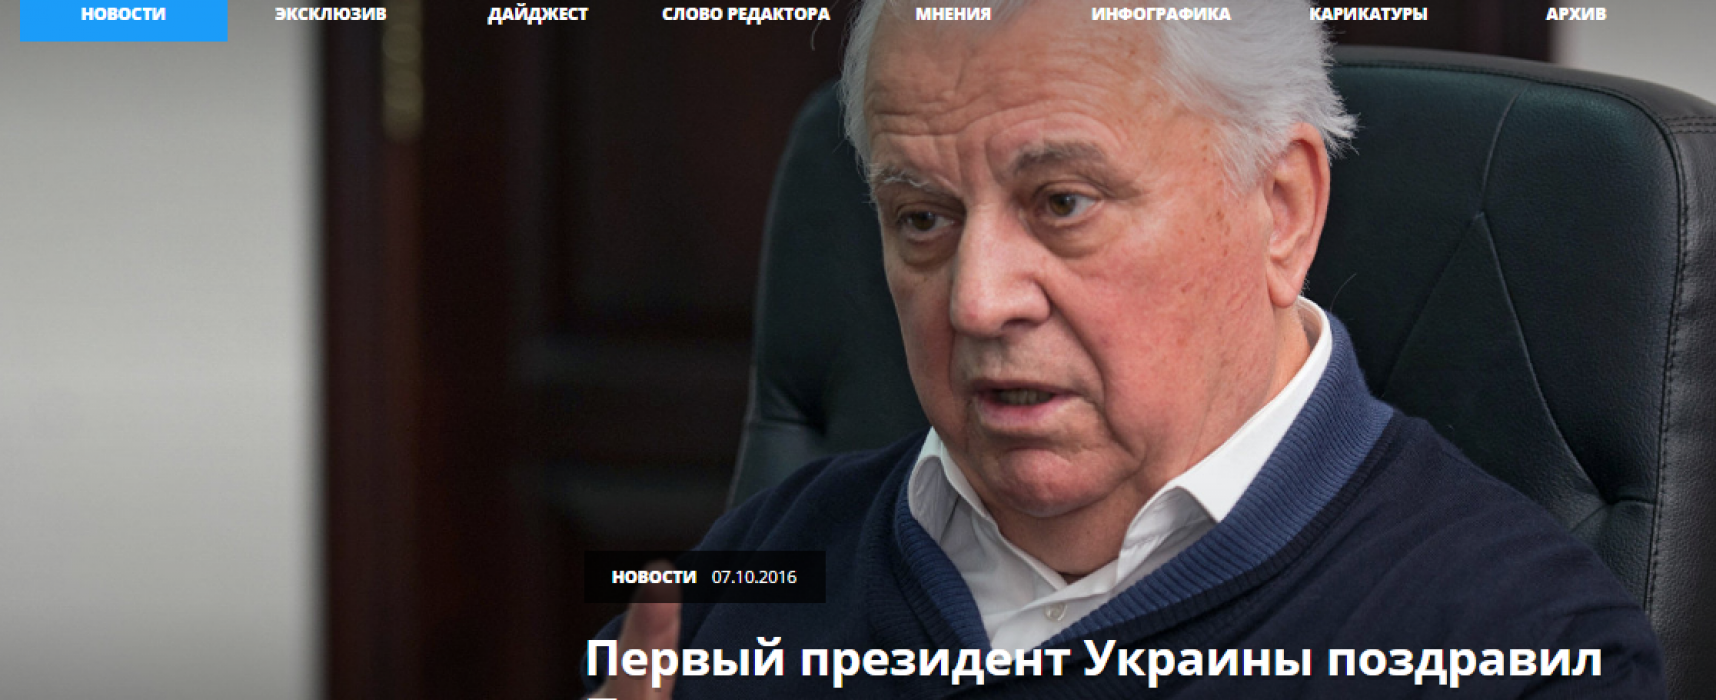 Фейк: Леонид Кравчук поздравил Путина с днем рождения